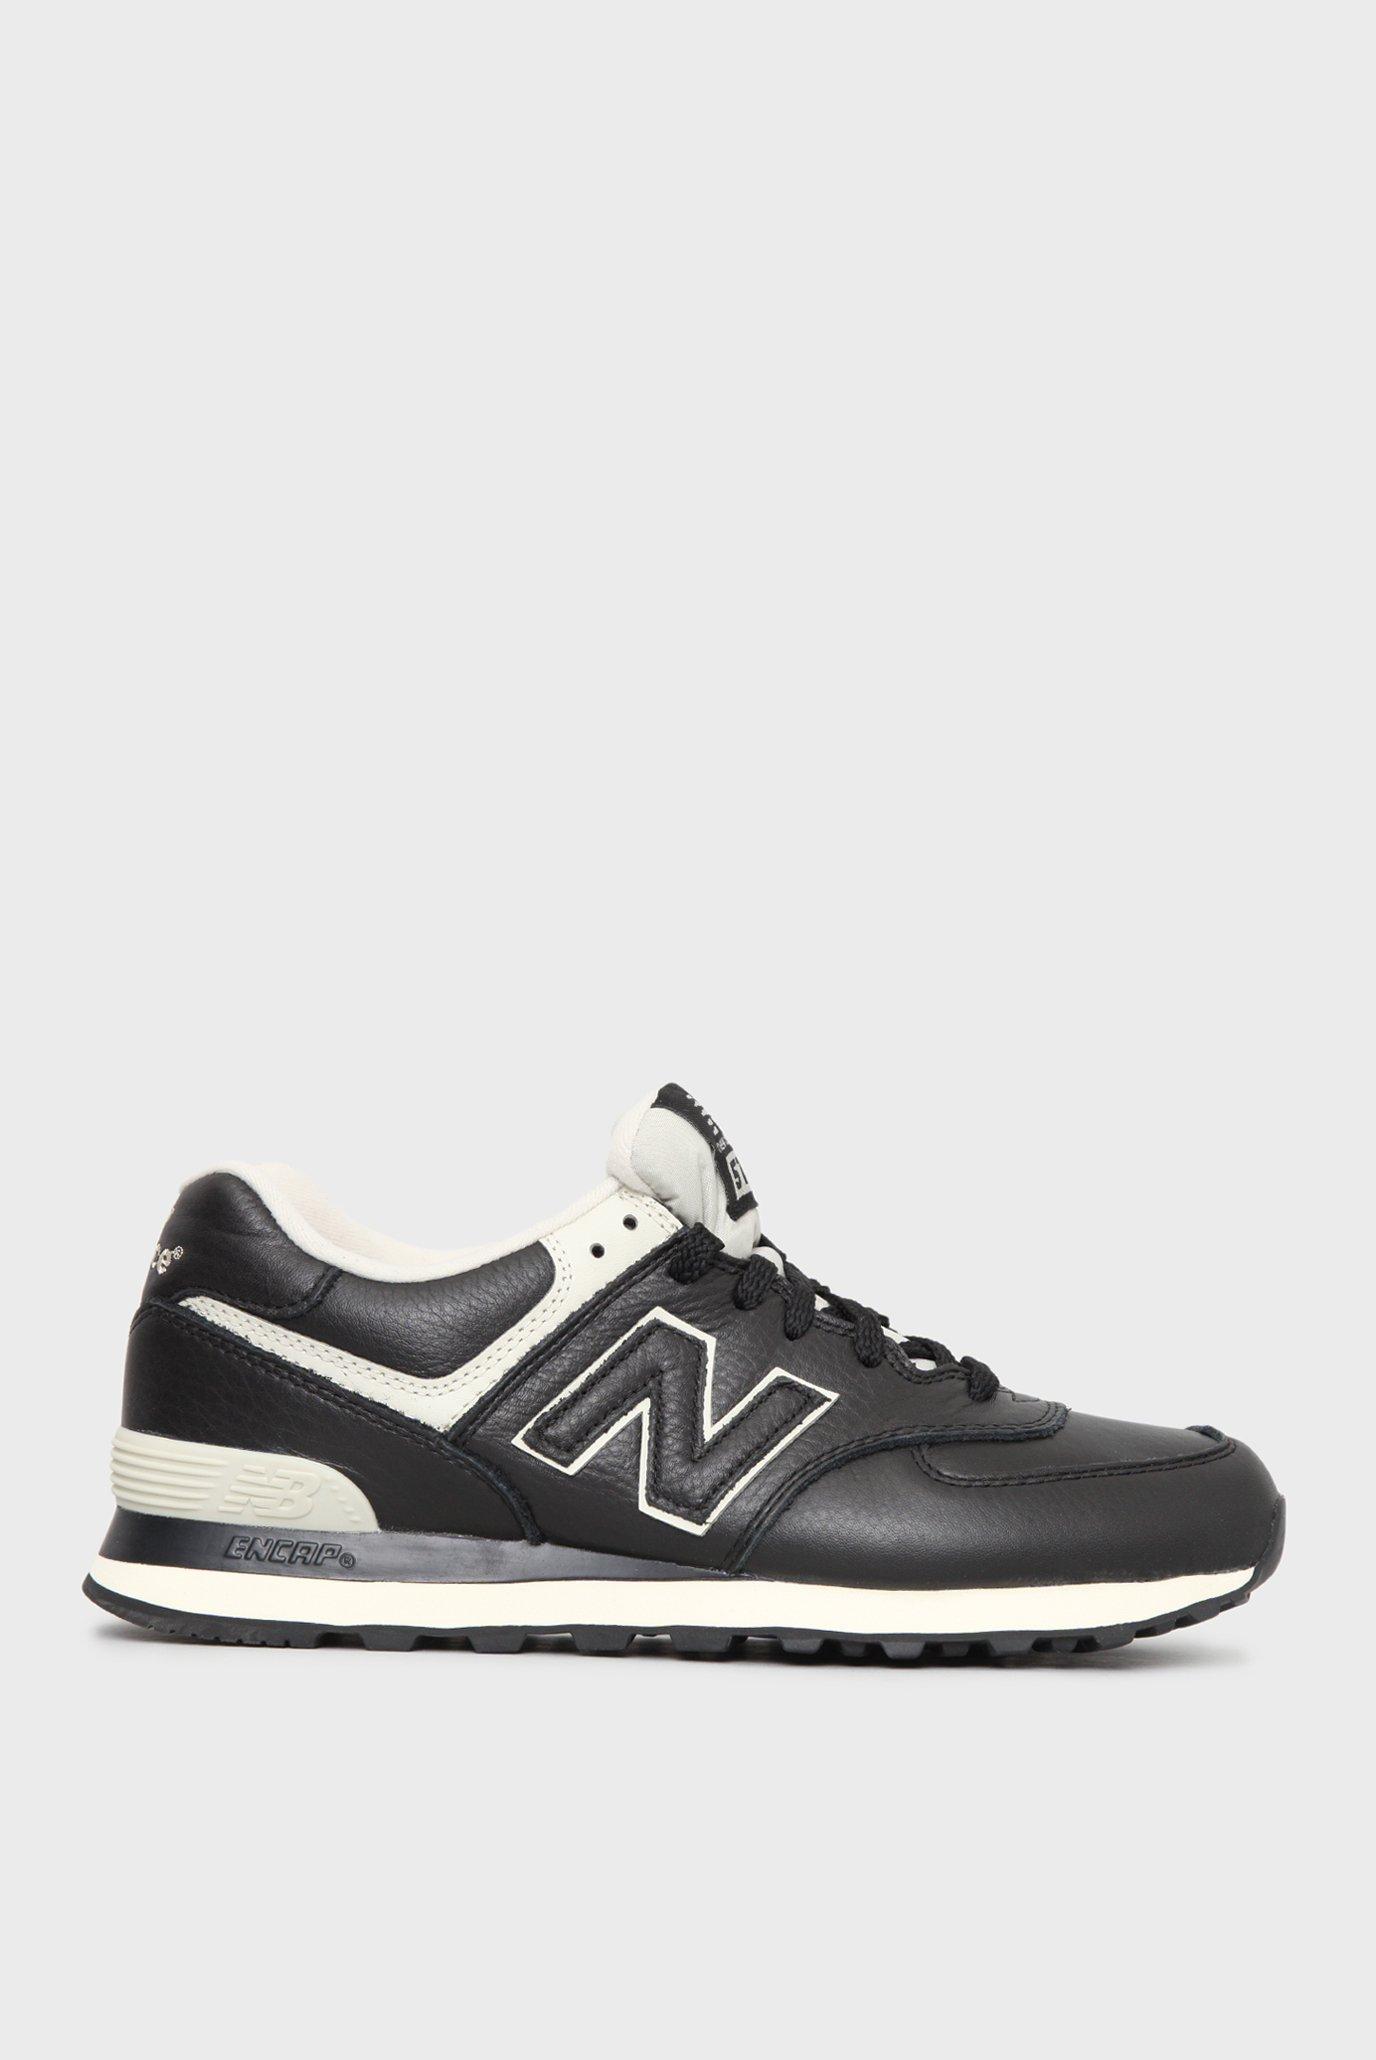 Купить Мужские черные кожаные кроссовки 574 New Balance New Balance  ML574LUC – Киев d86ce72b6a27e